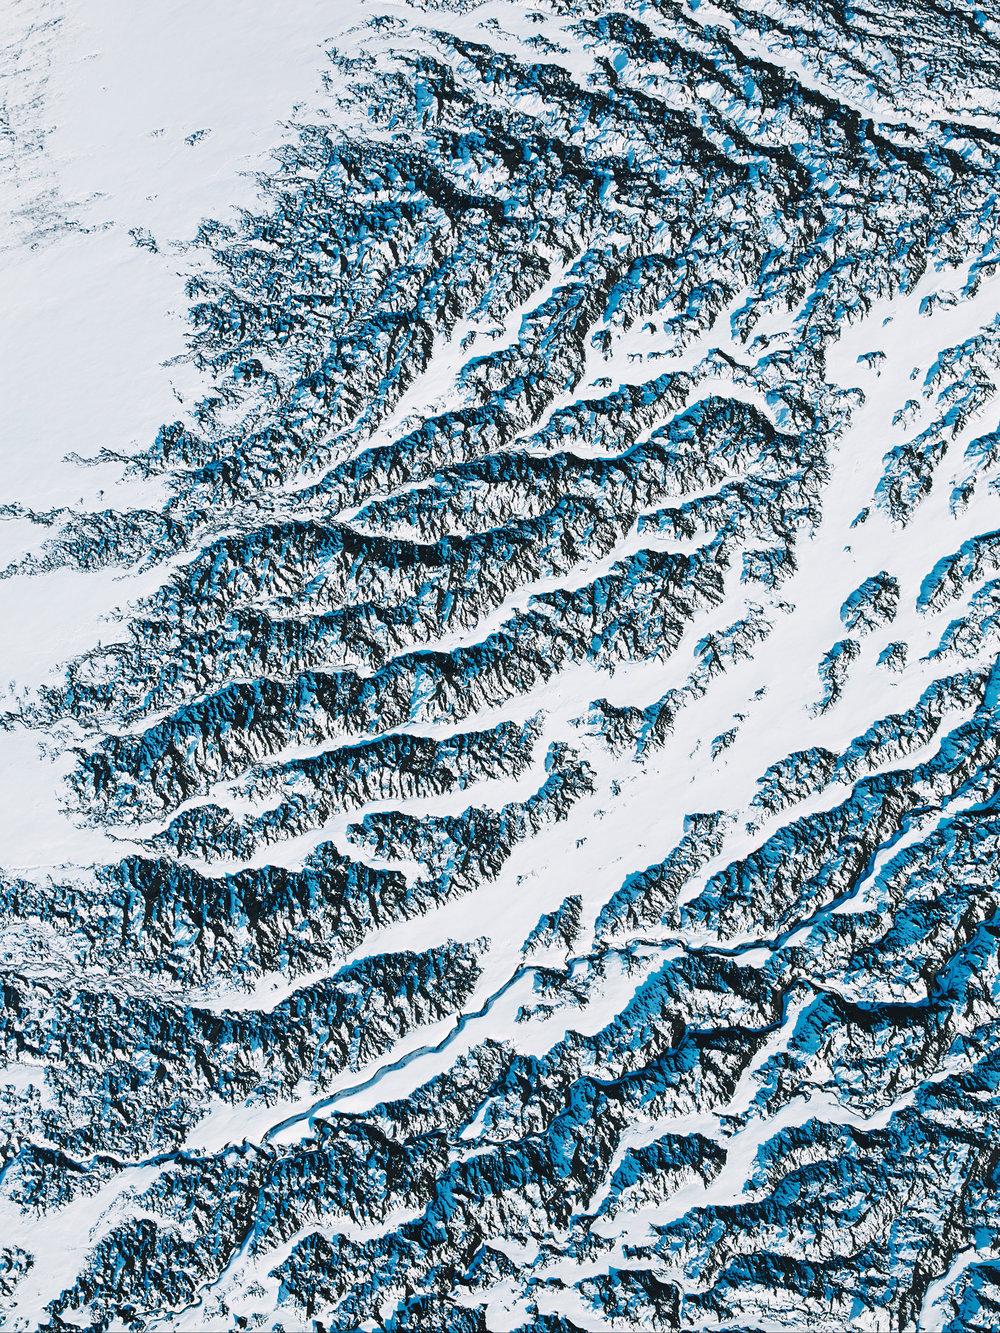 AxelSig_aerial017.jpg